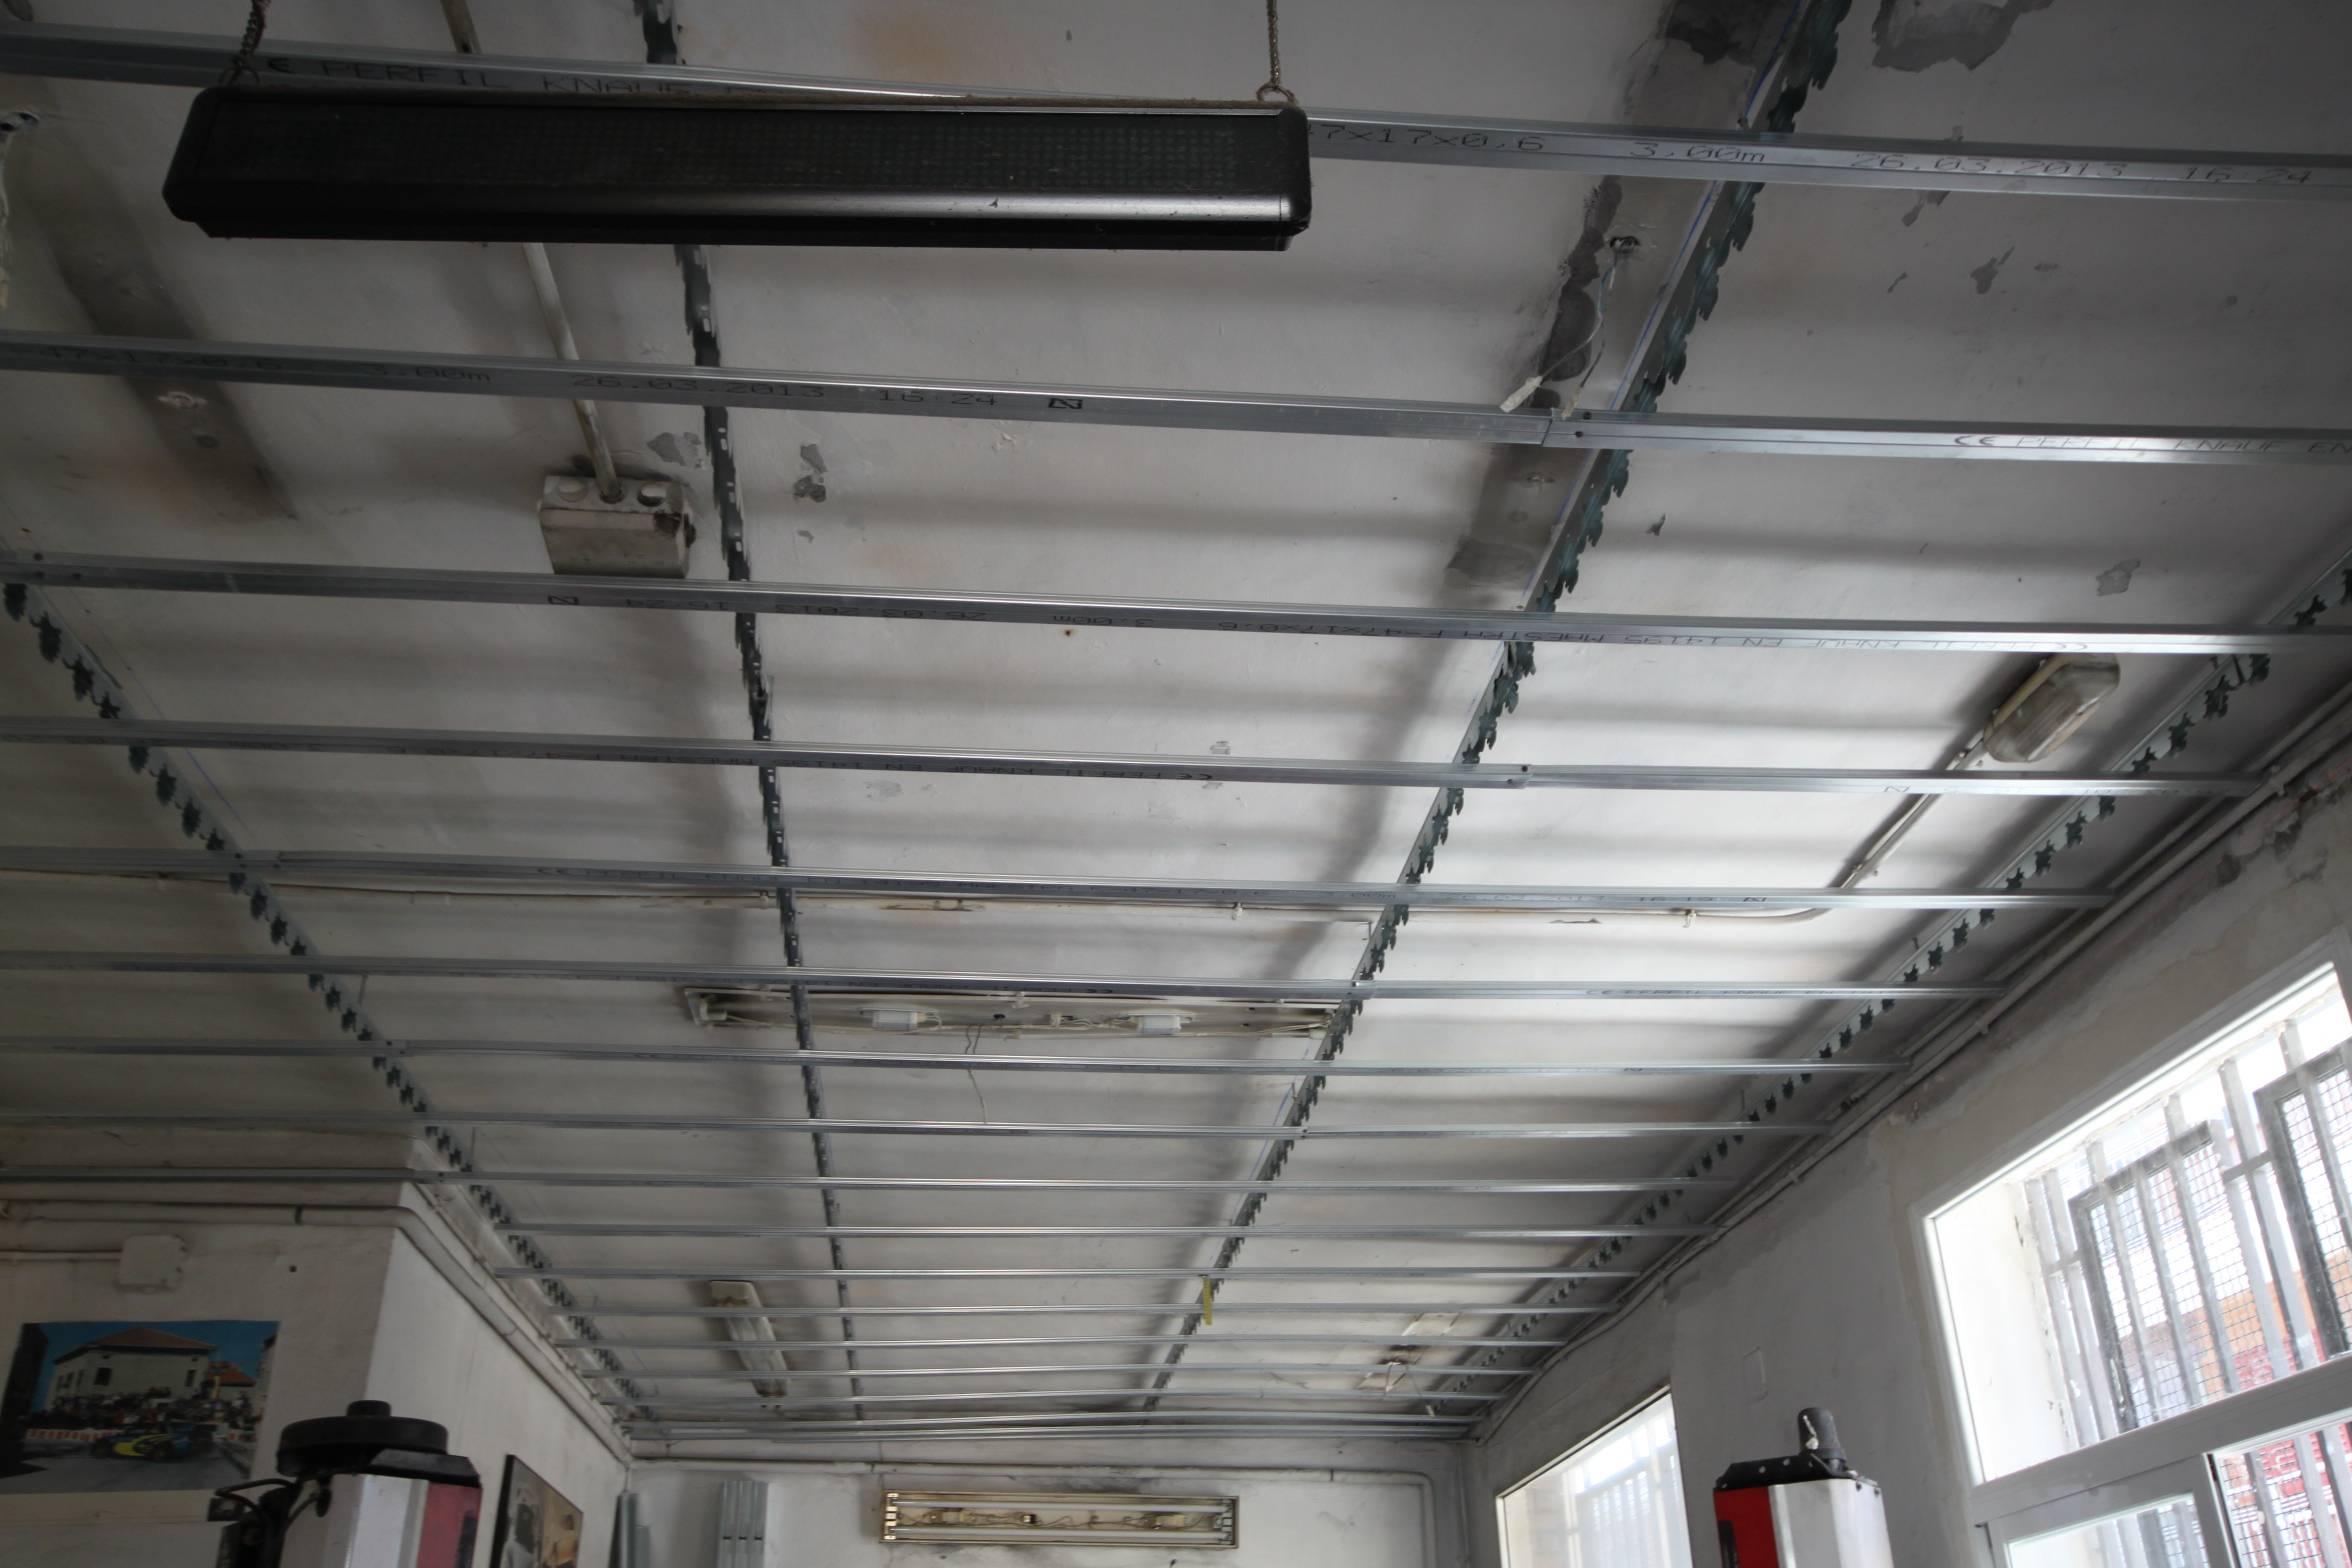 Aislamiento de falsos techos #knauf - Reforma integral de viviendas ...